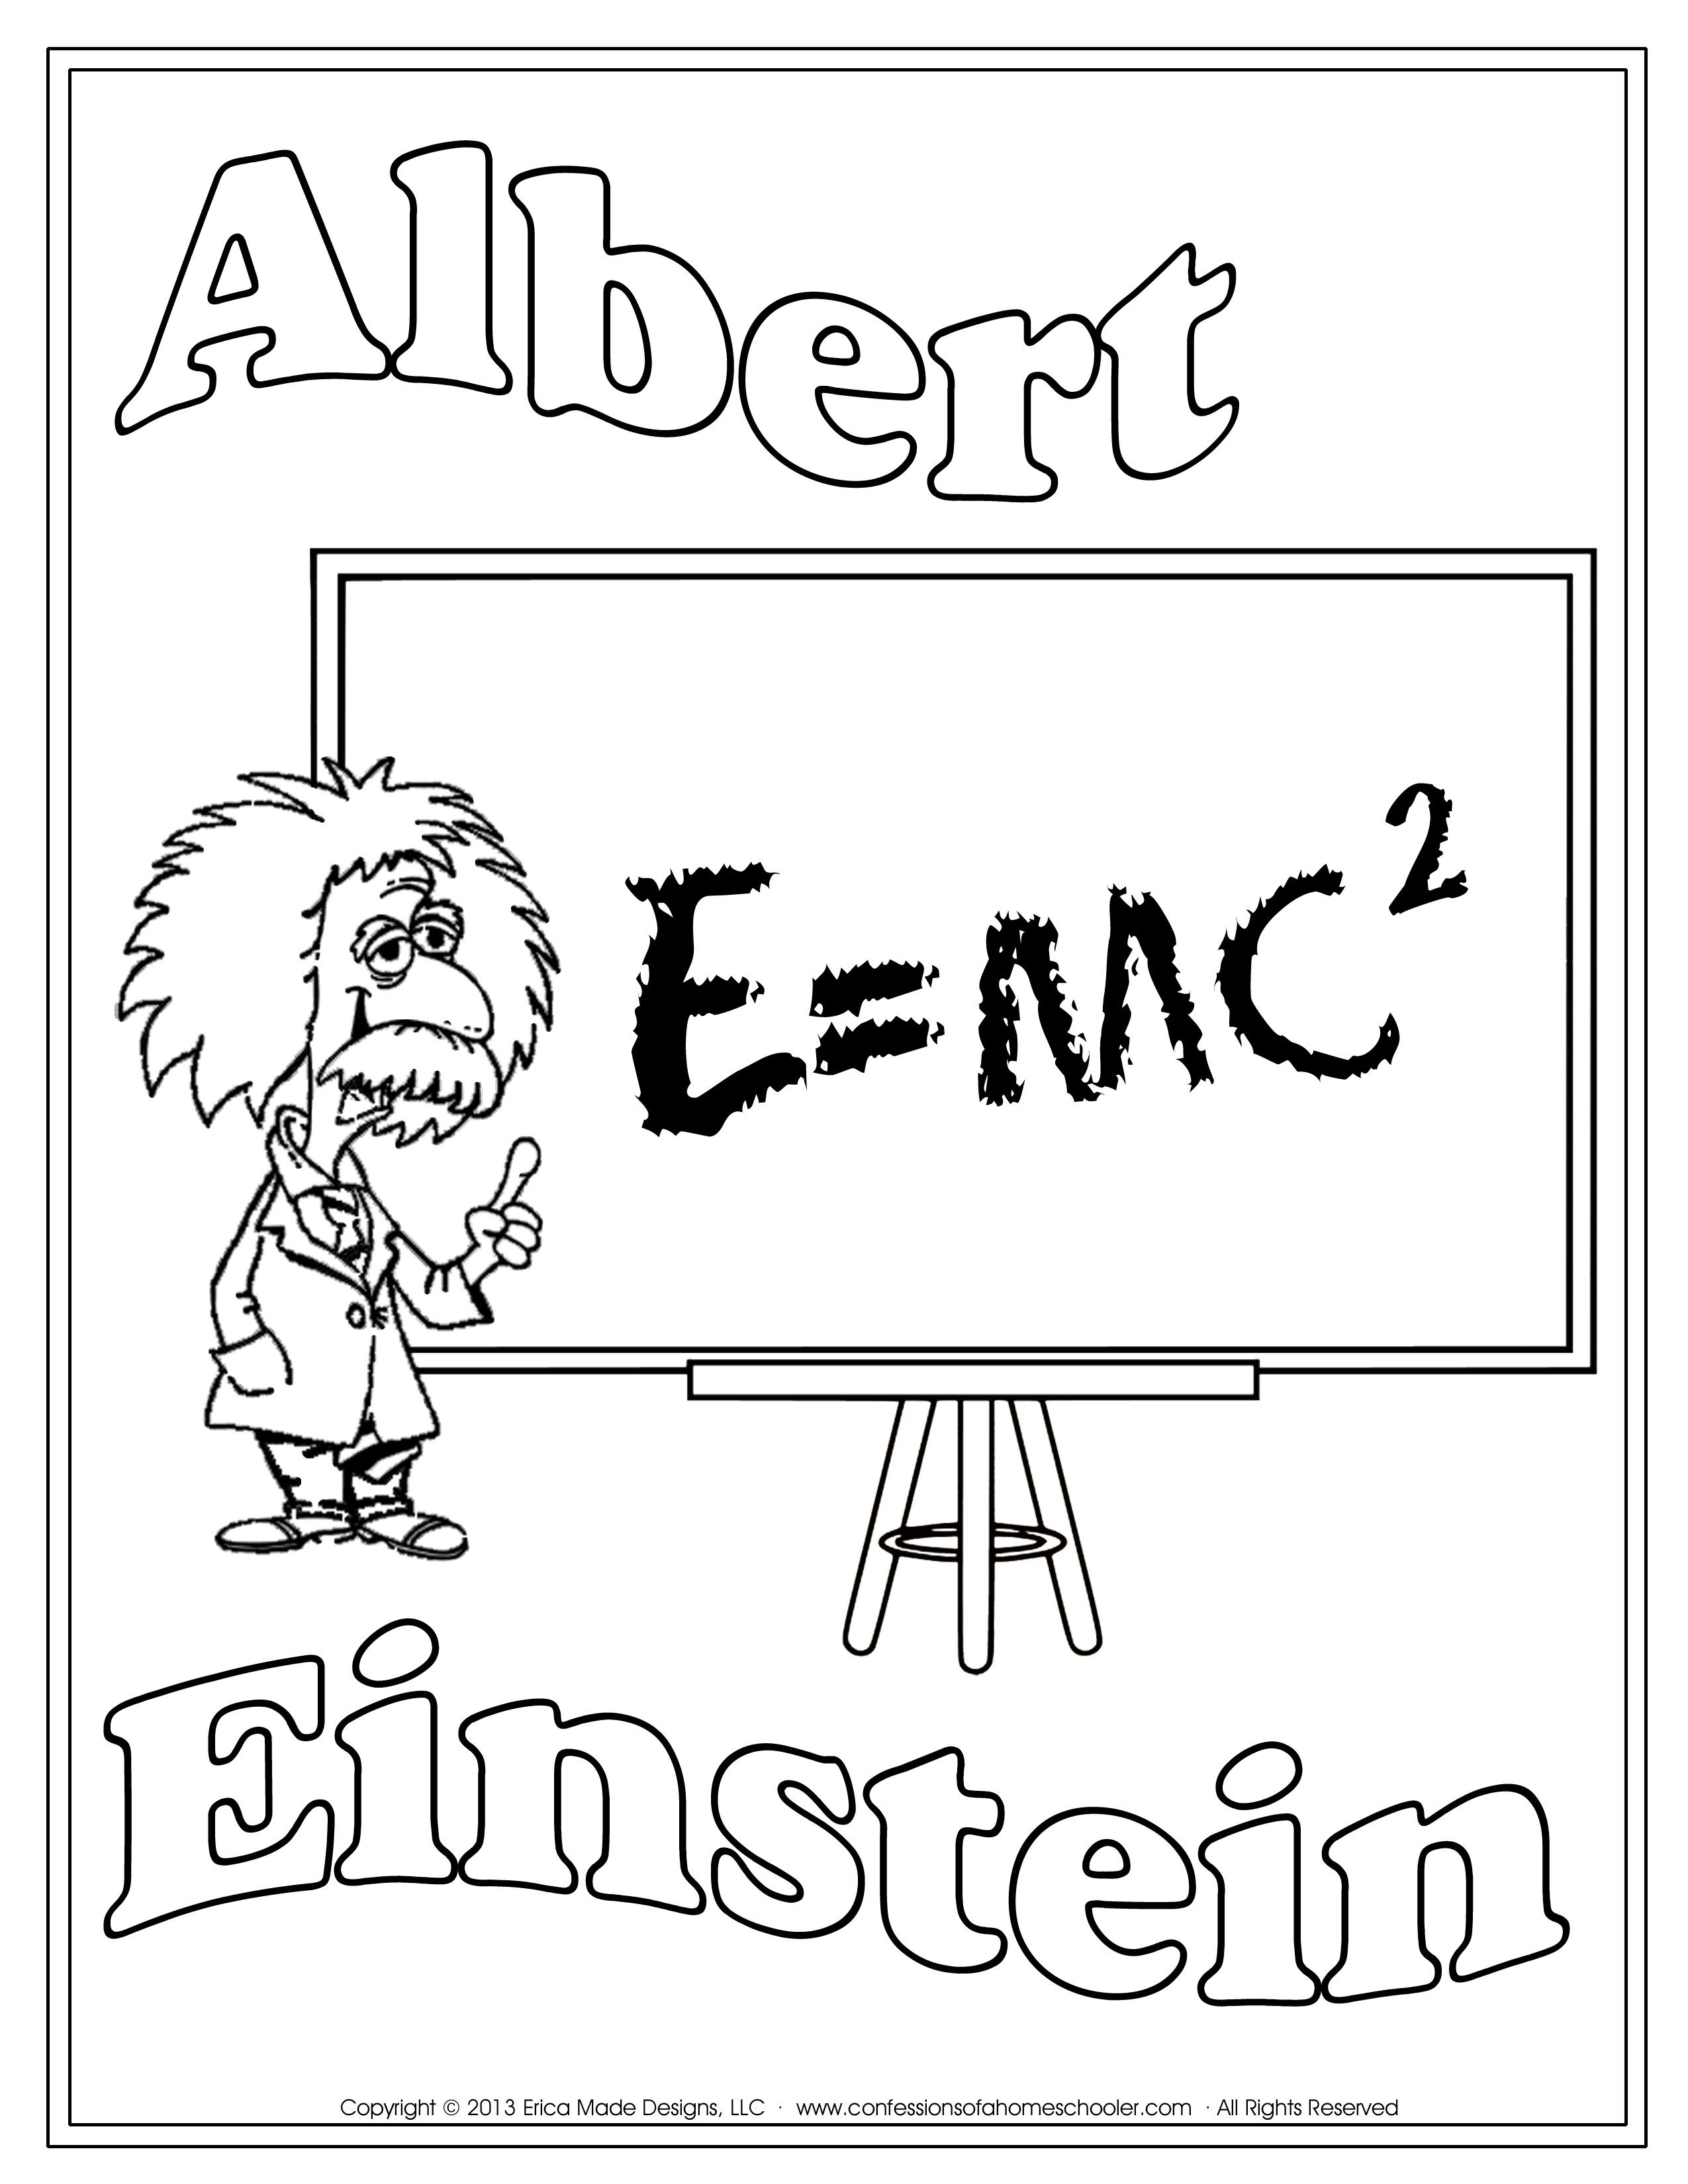 Unit Studies on great scientists: Einstein, Bell, Franklin